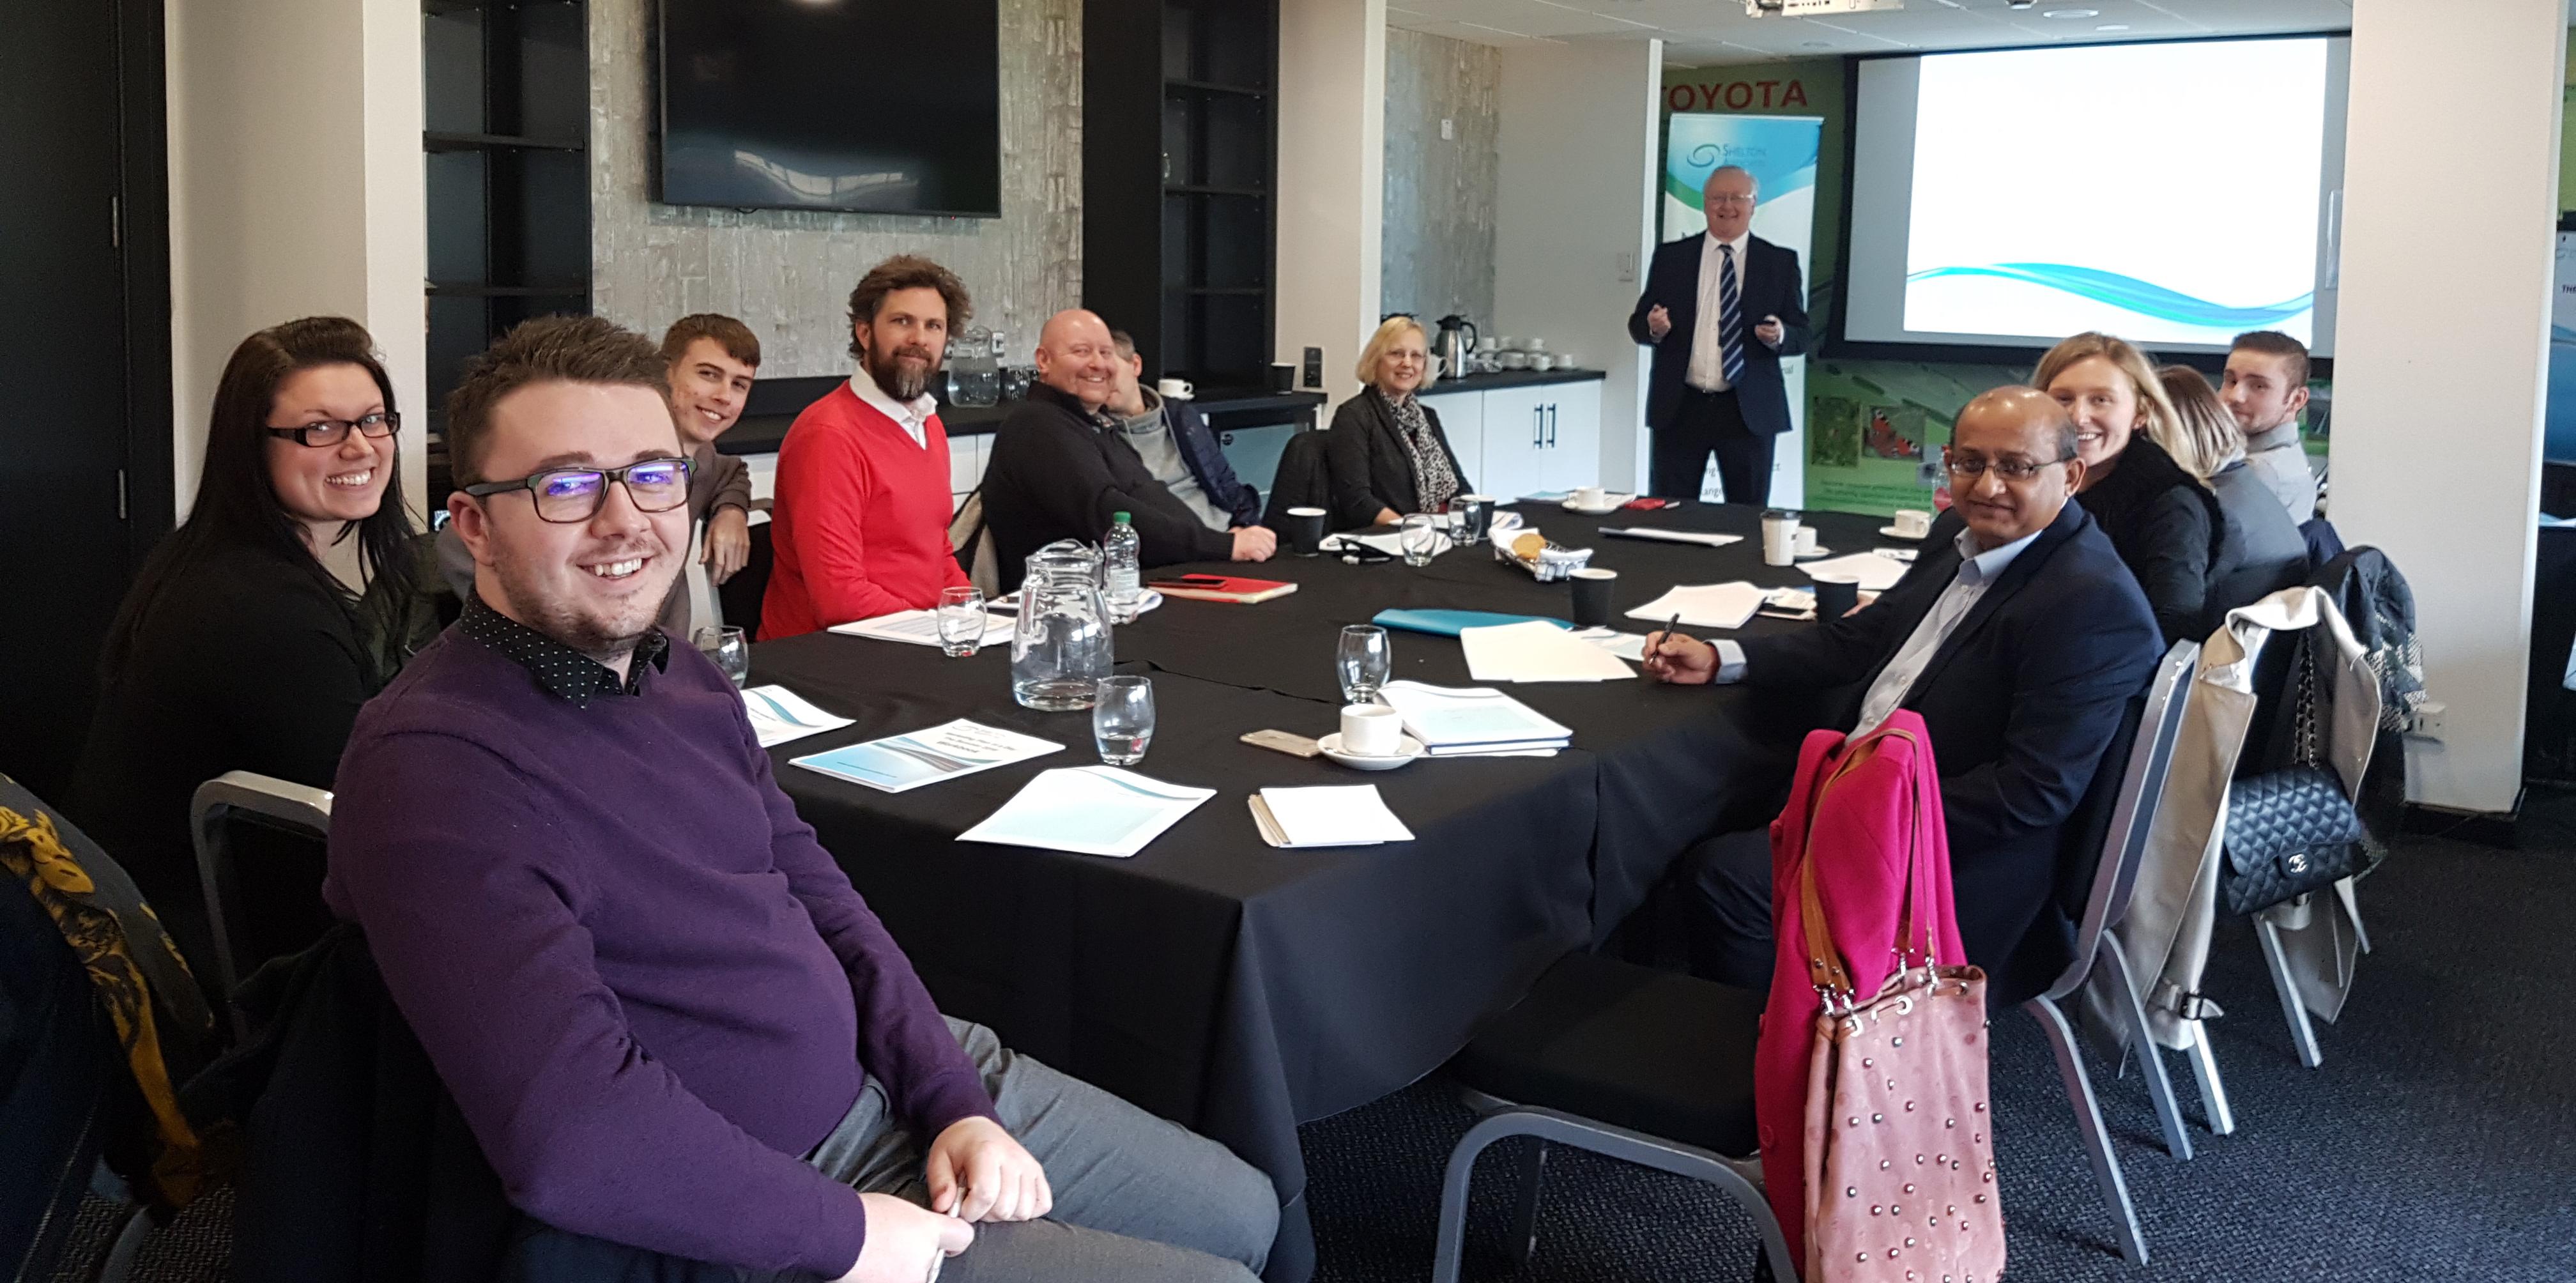 Develop-a-Marketing-Plan-in-a-Day-Seminar-in-Derby